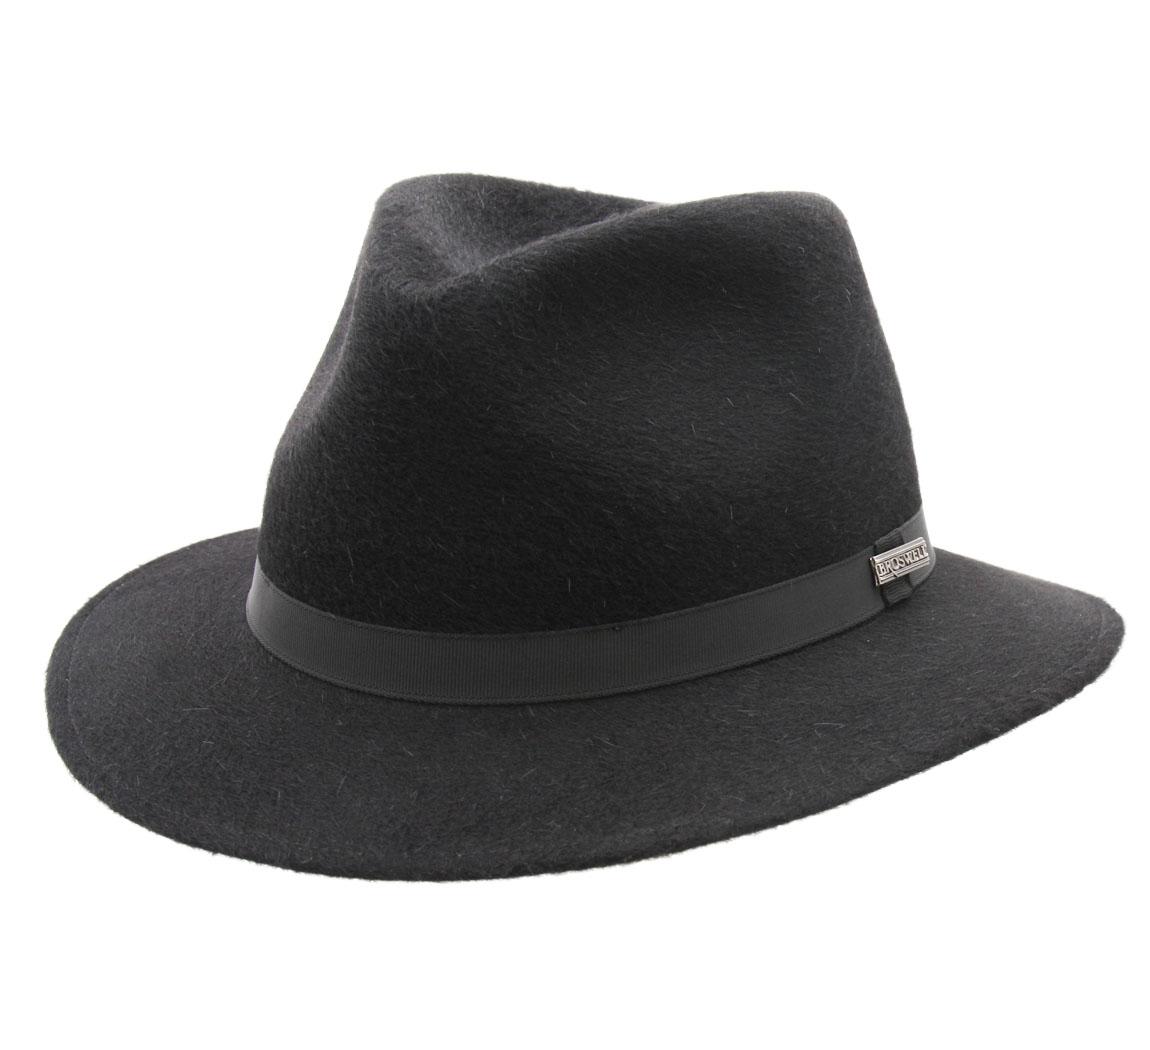 chapeau homme ou femme hamilton cachemire noir ebay. Black Bedroom Furniture Sets. Home Design Ideas